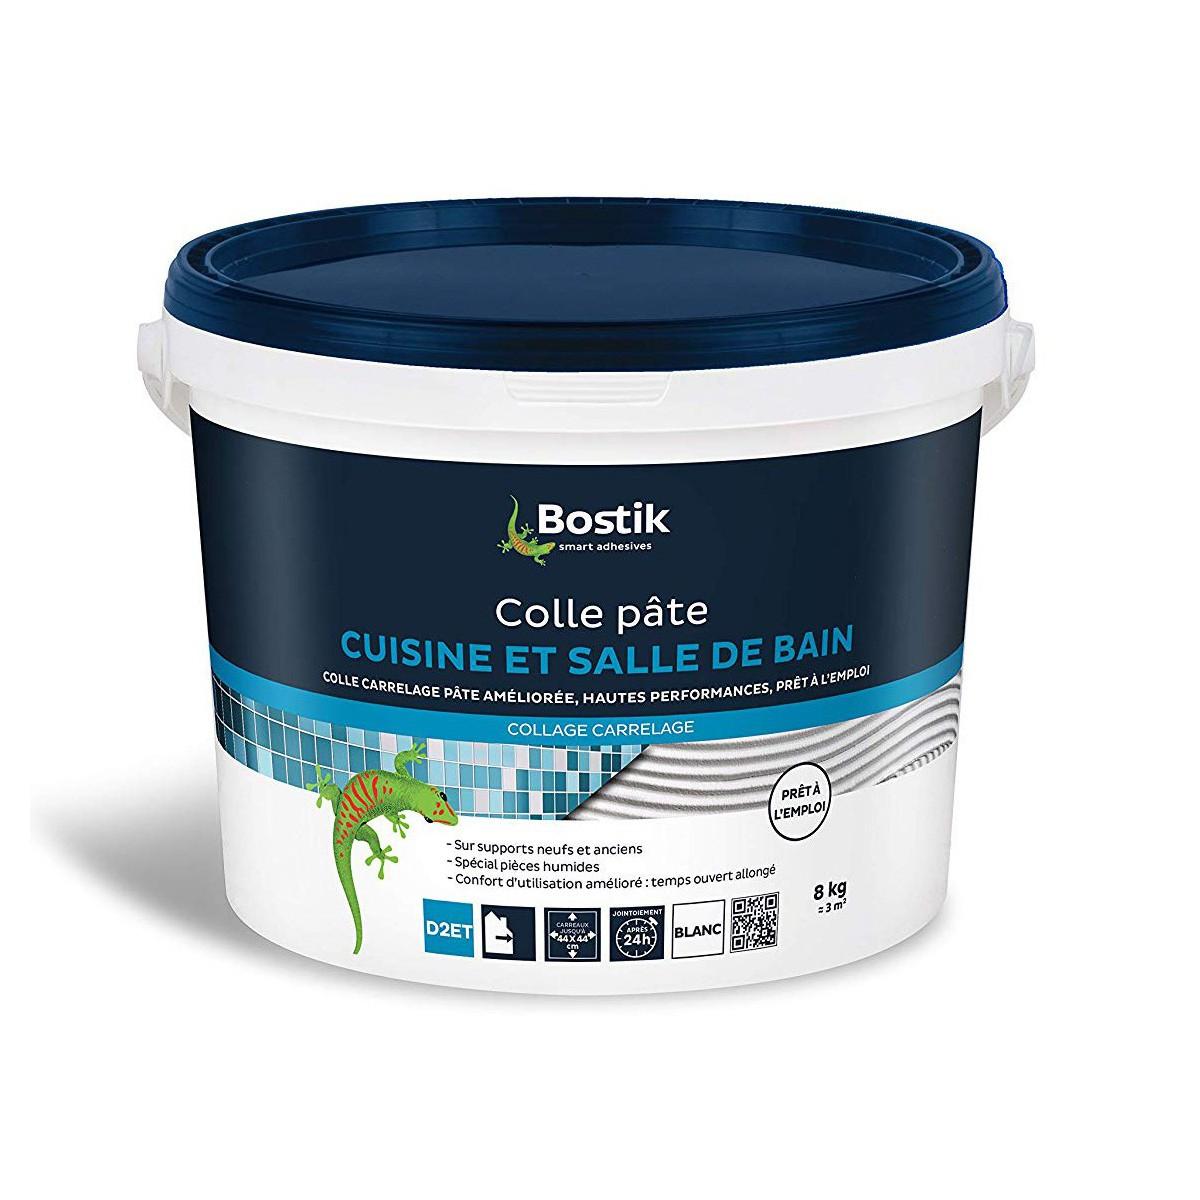 BOSTIK - Bostik Colle carrelage cuisine et salle de bain 8kg à 19,90